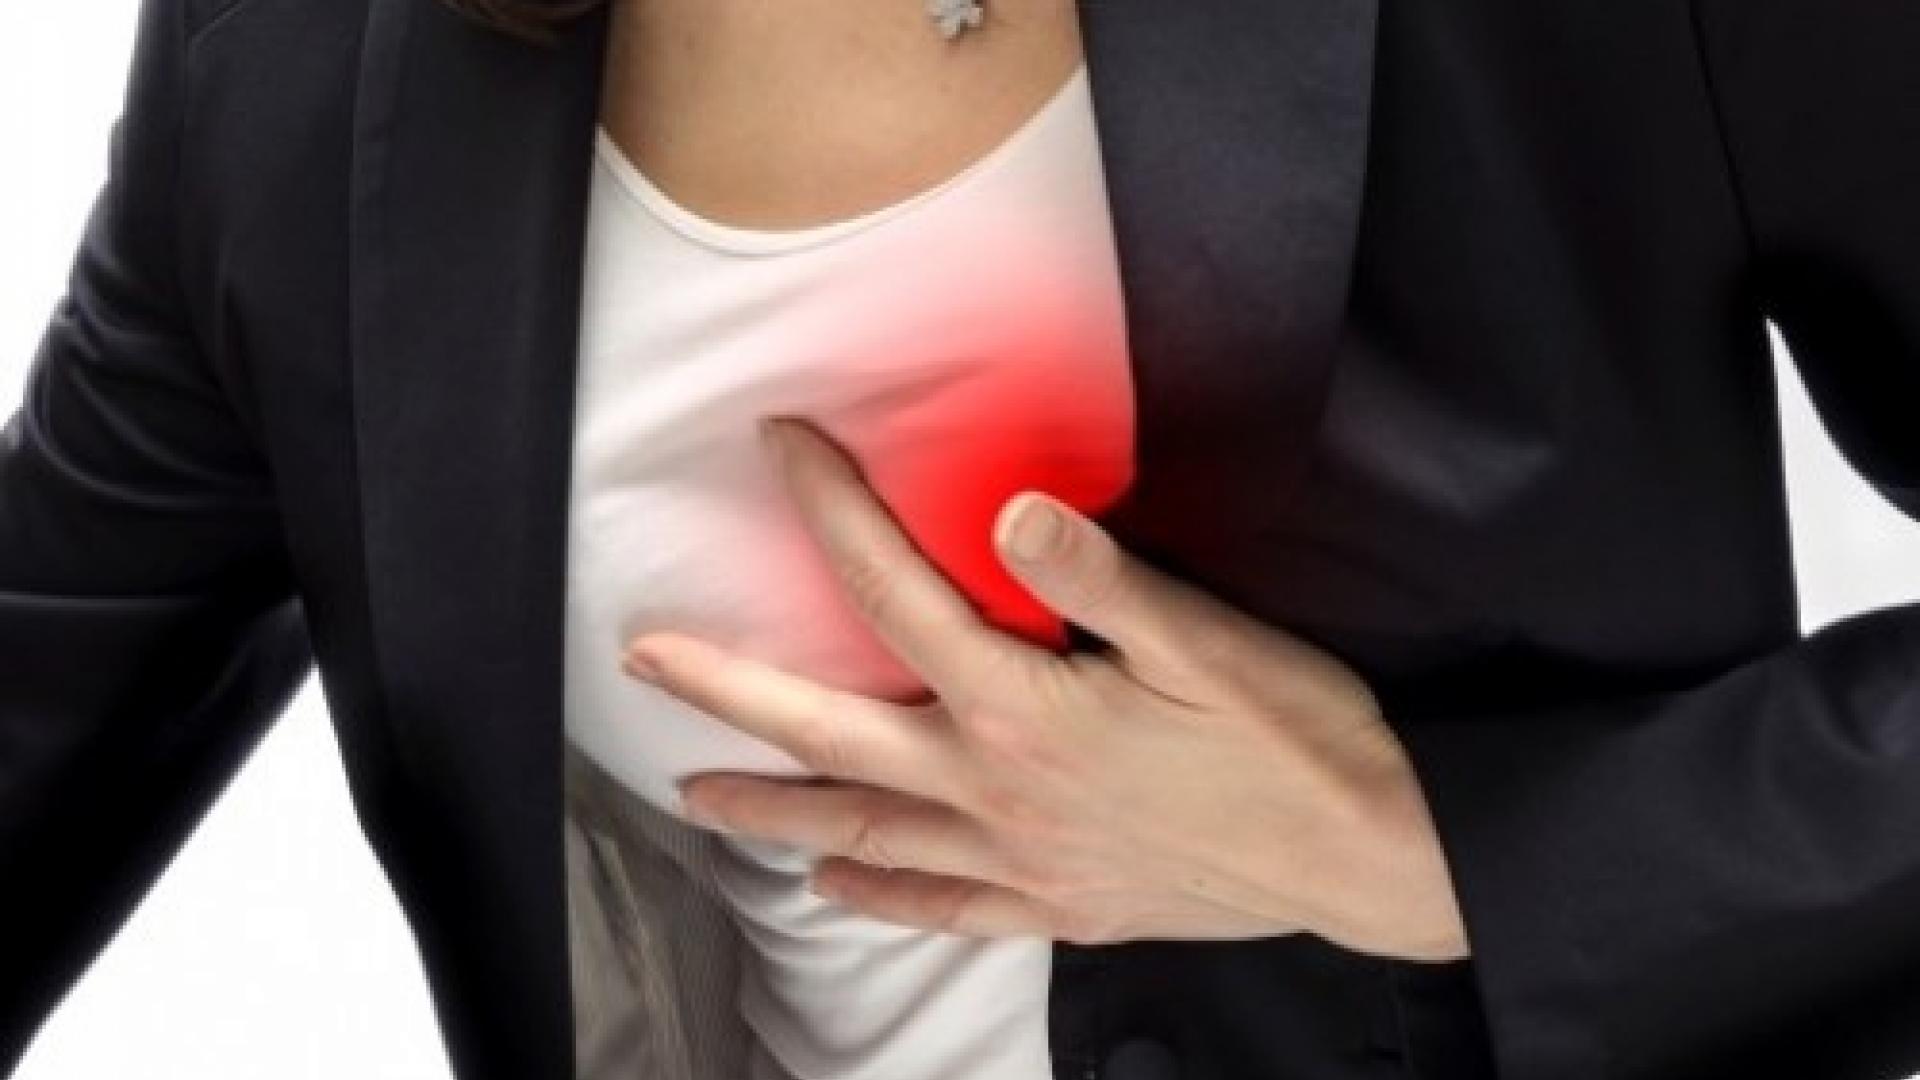 Возраст менархе связан с риском заболеваний сердца